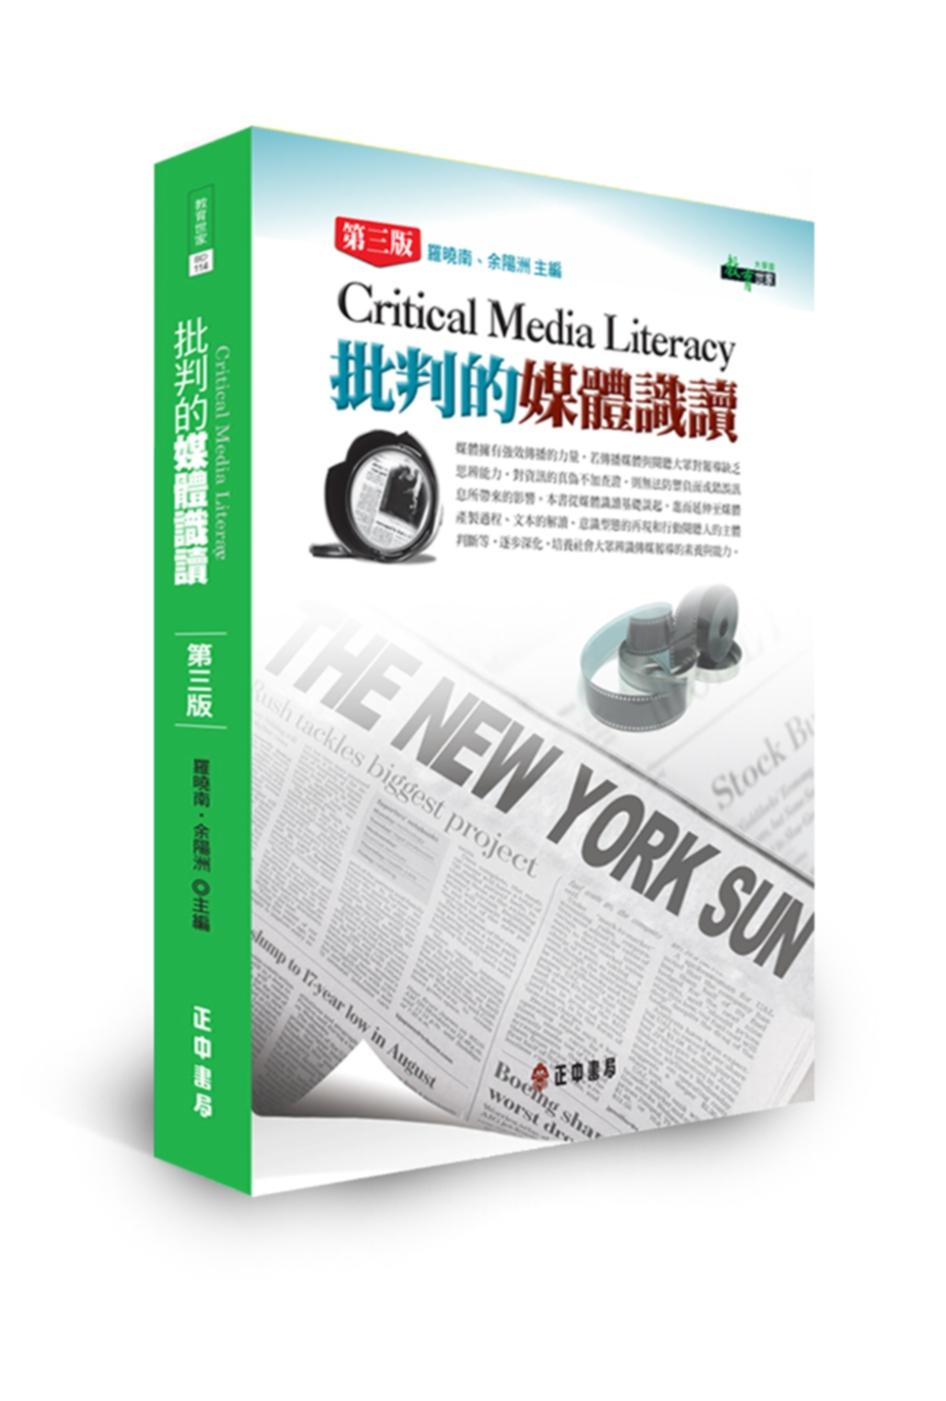 批判的媒體識讀(第三版)